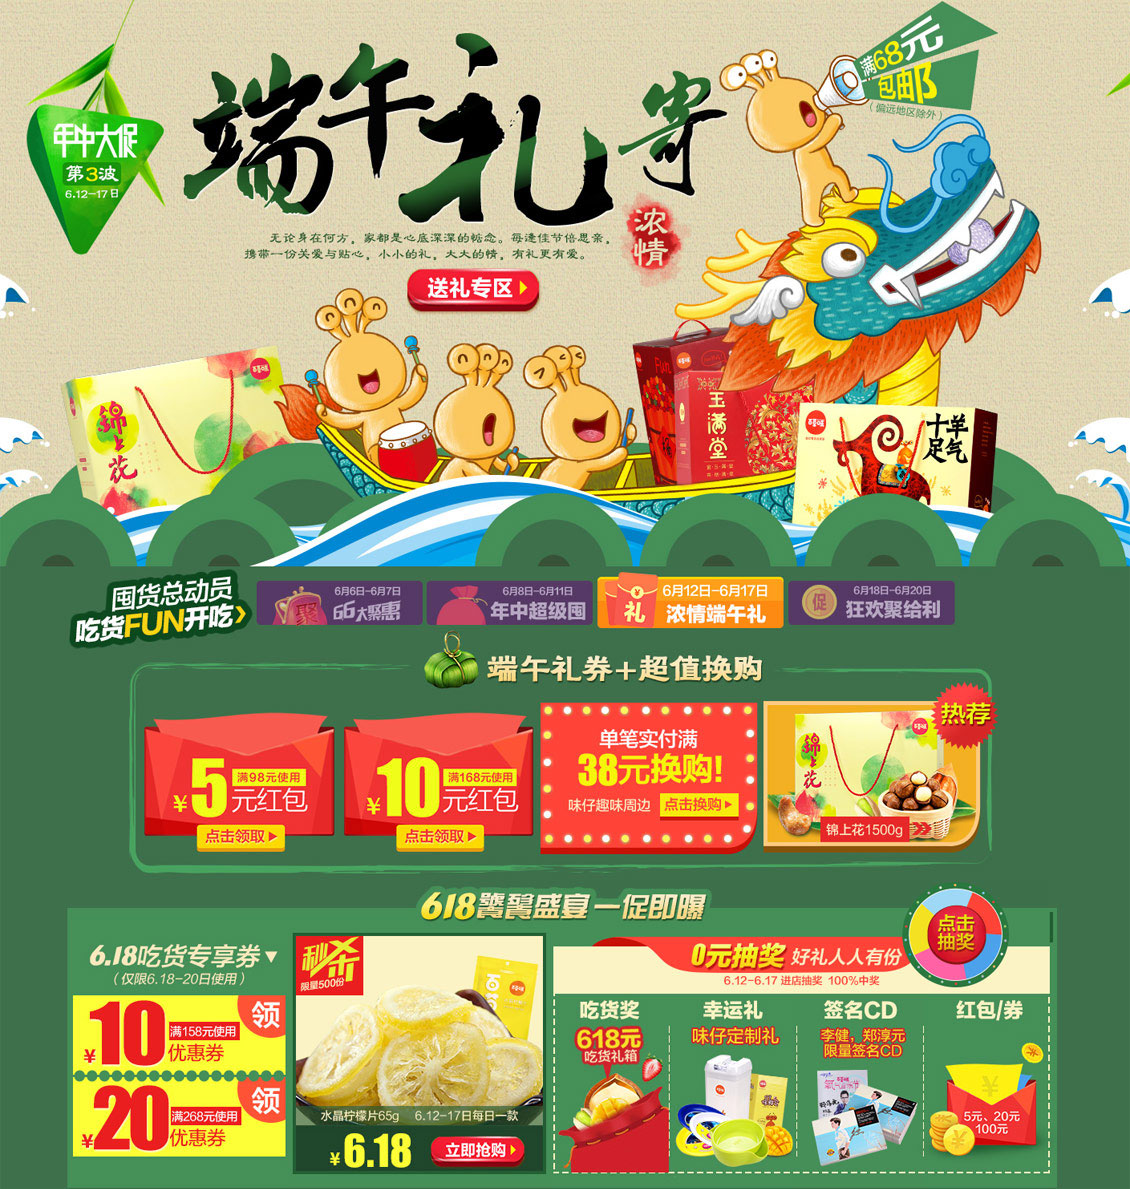 百草味端午节活动专题设计